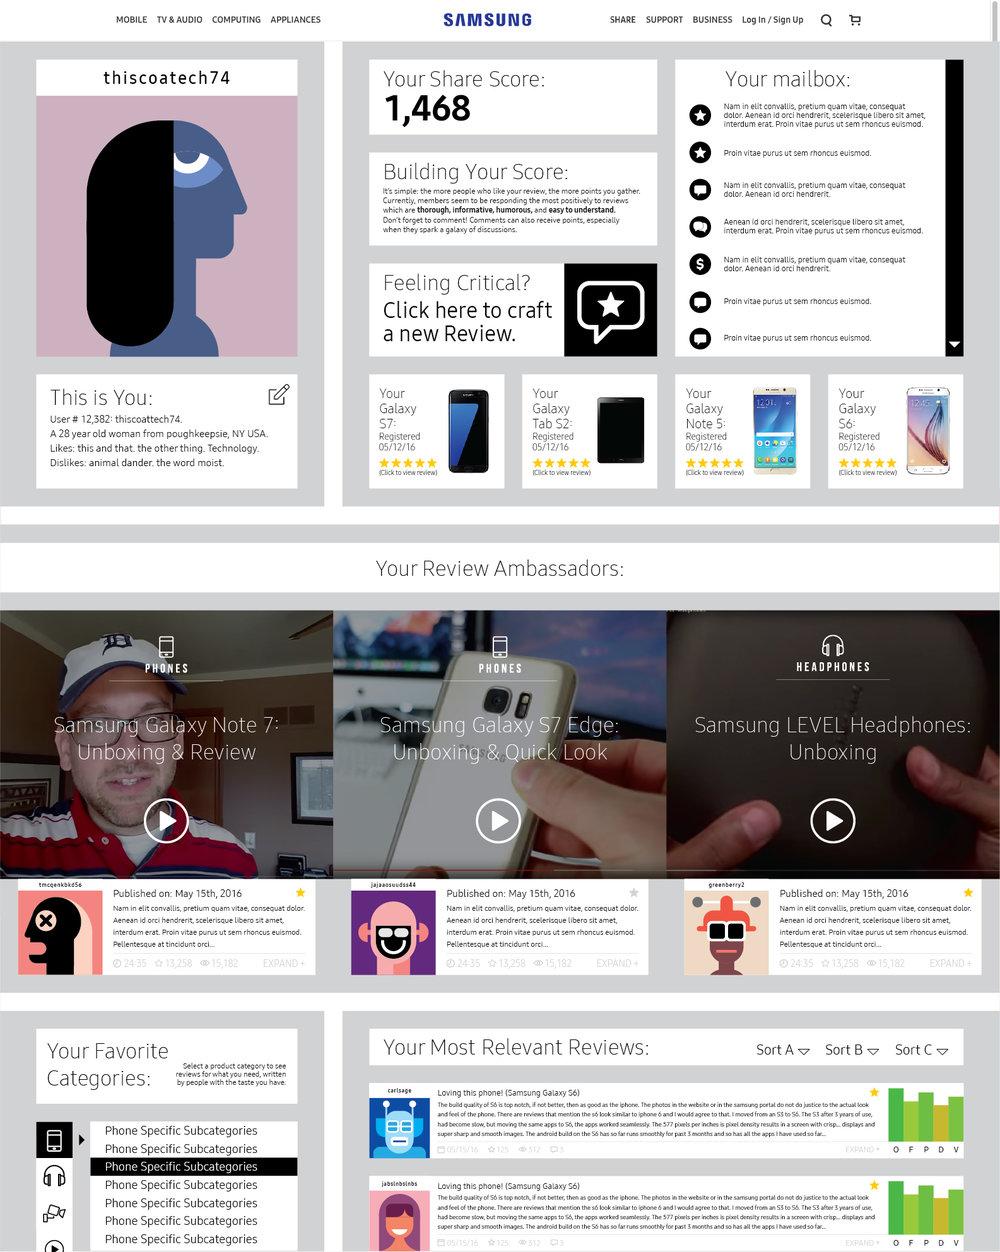 SAMSUNG_R&R_V01_WEB_SHAREHUB.jpg